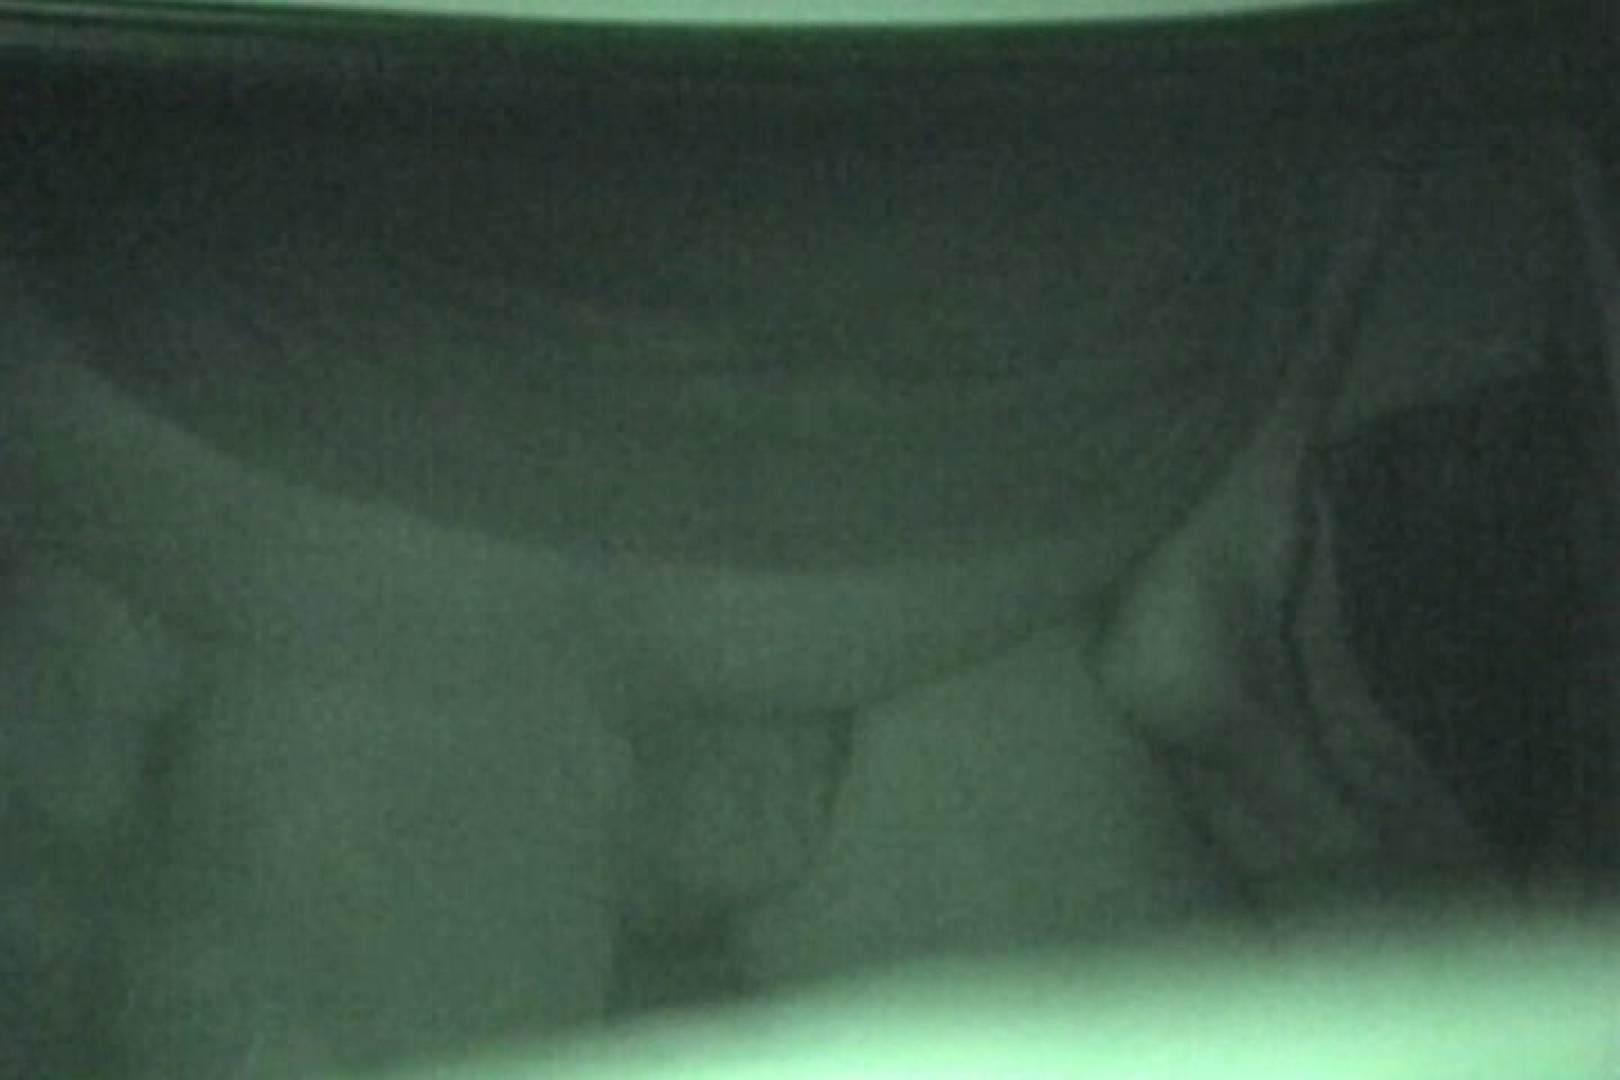 蔵出し!!赤外線カーセックスVol.22 フェラ最高 AV動画キャプチャ 72画像 10